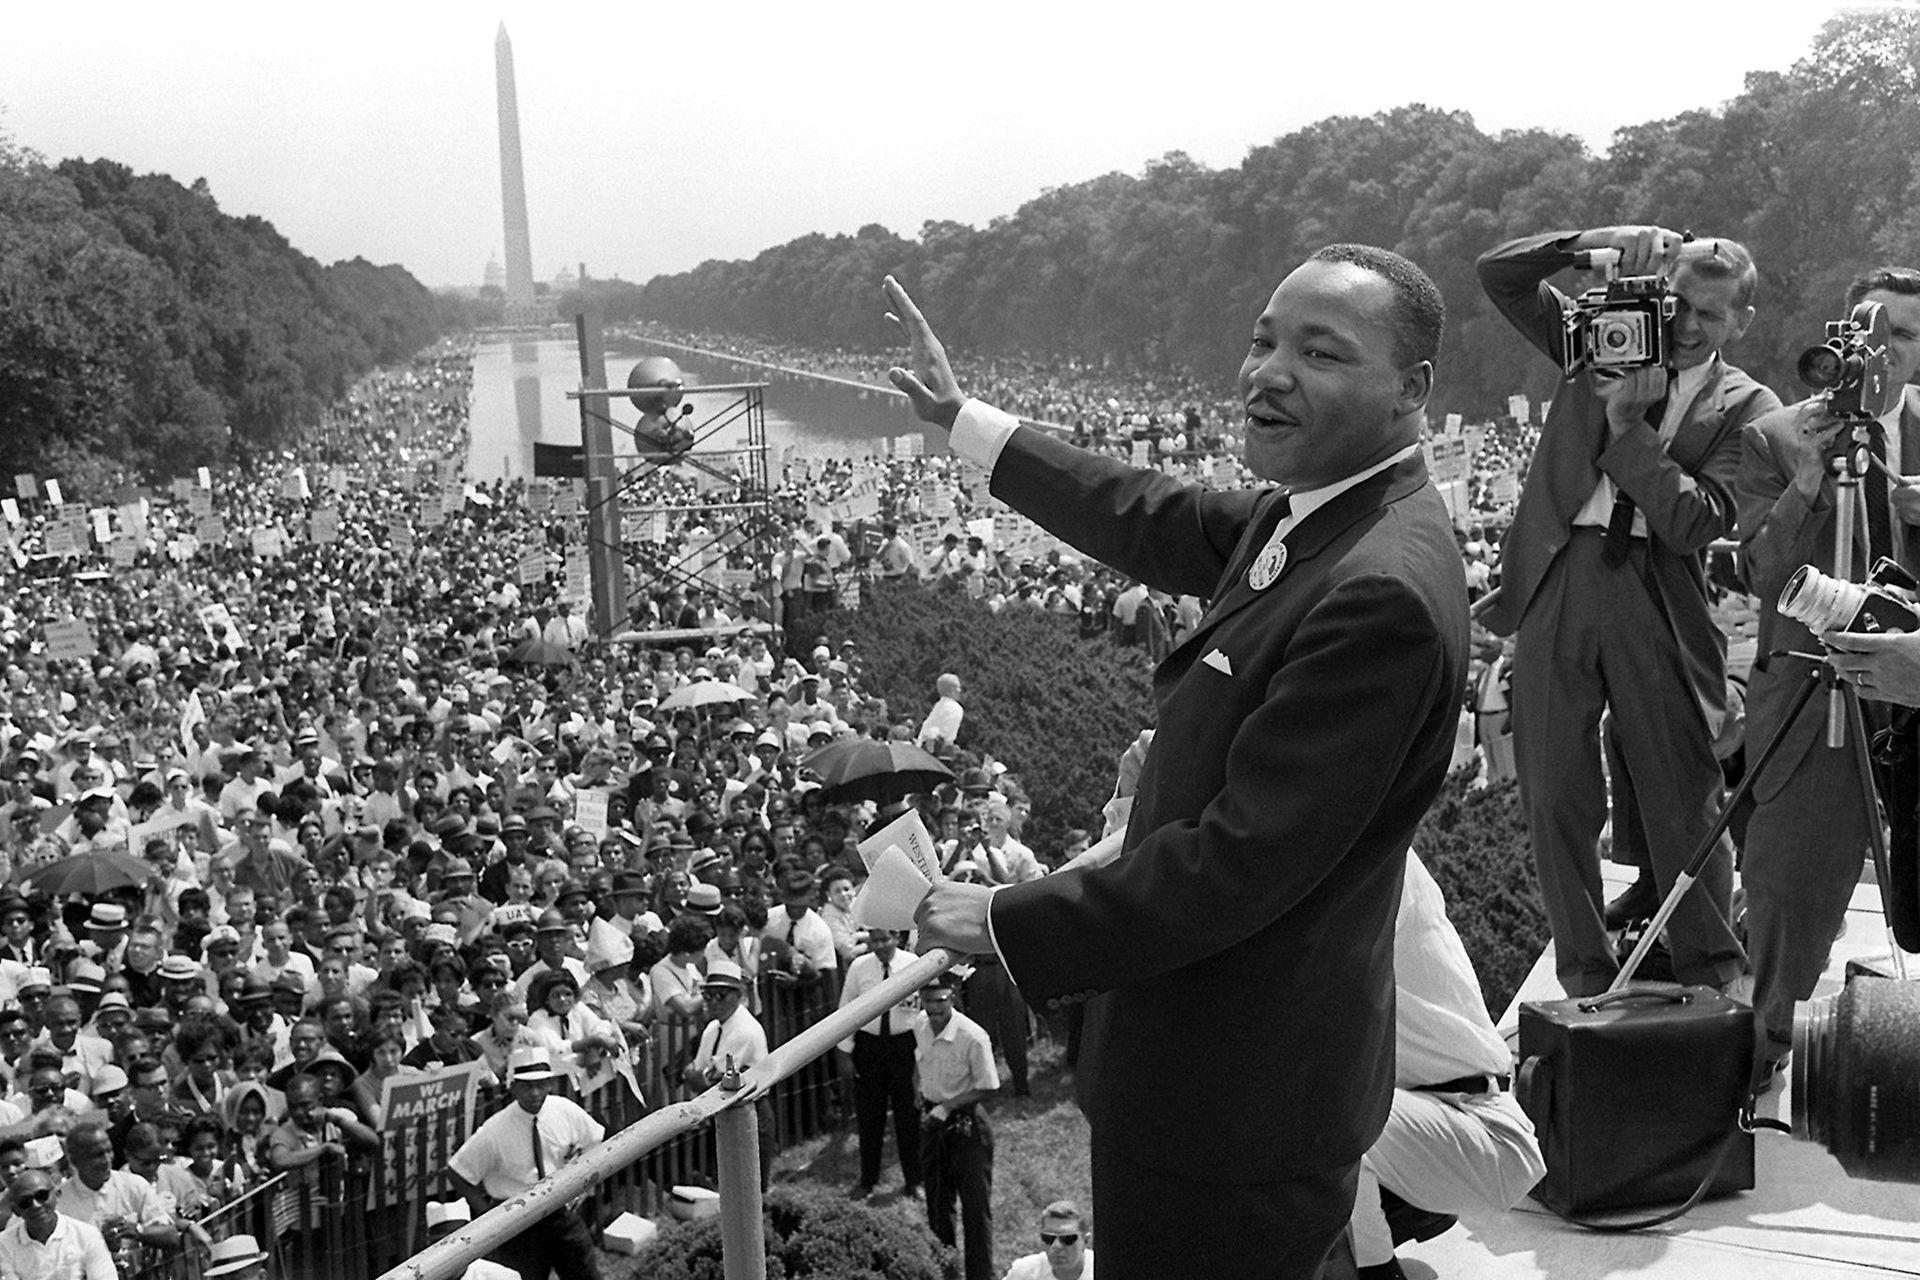 Durante el histórico discurso